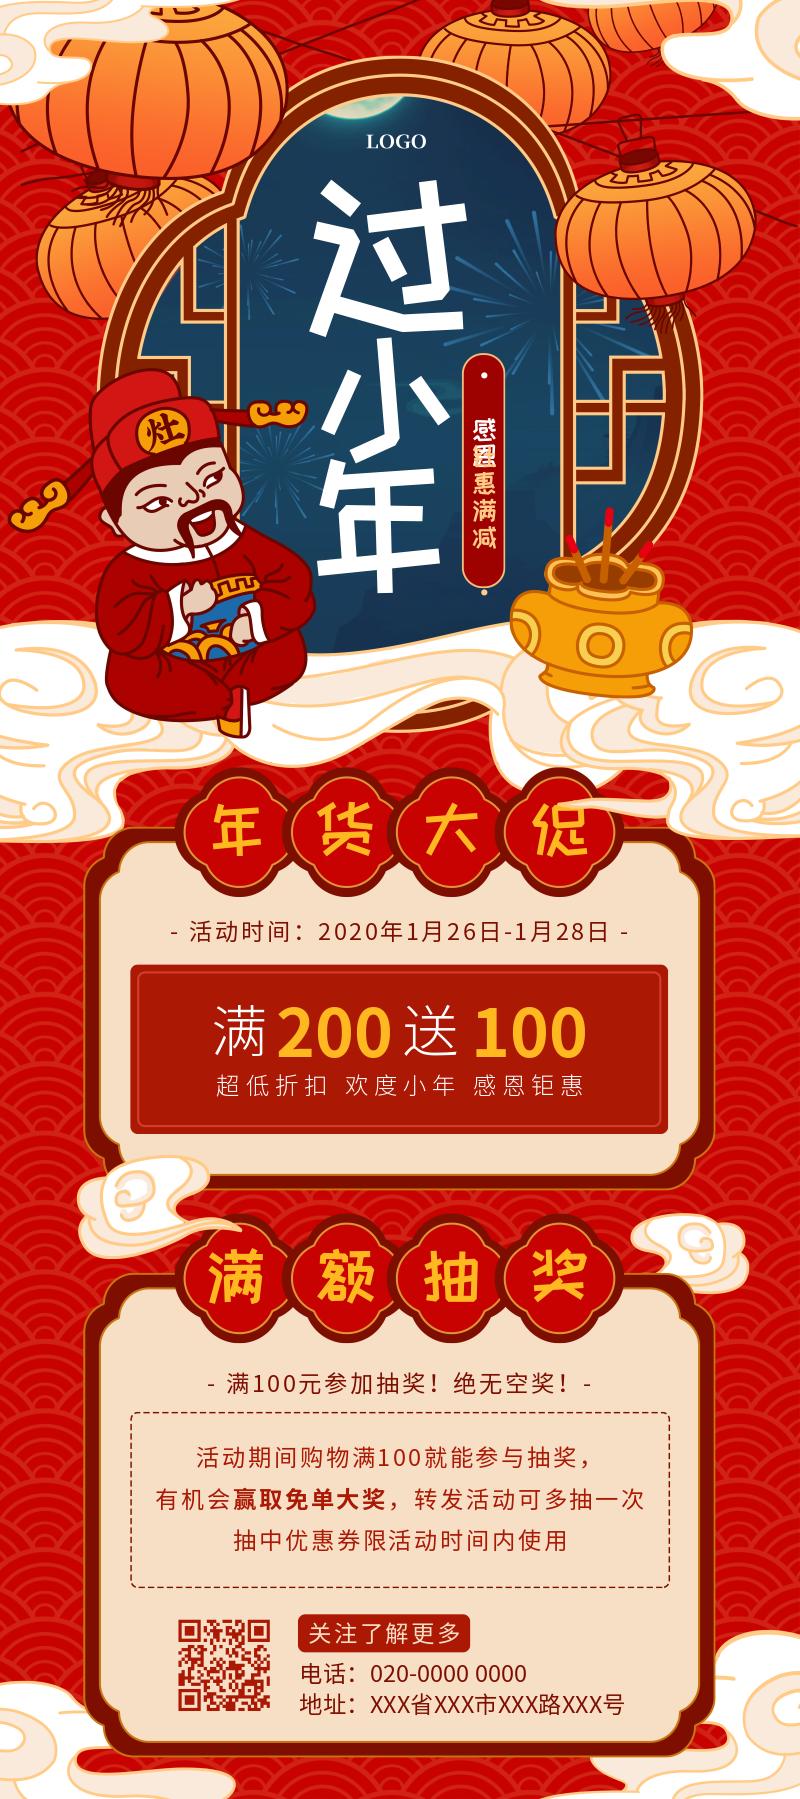 描边插画小年节日活动促销宣传展架